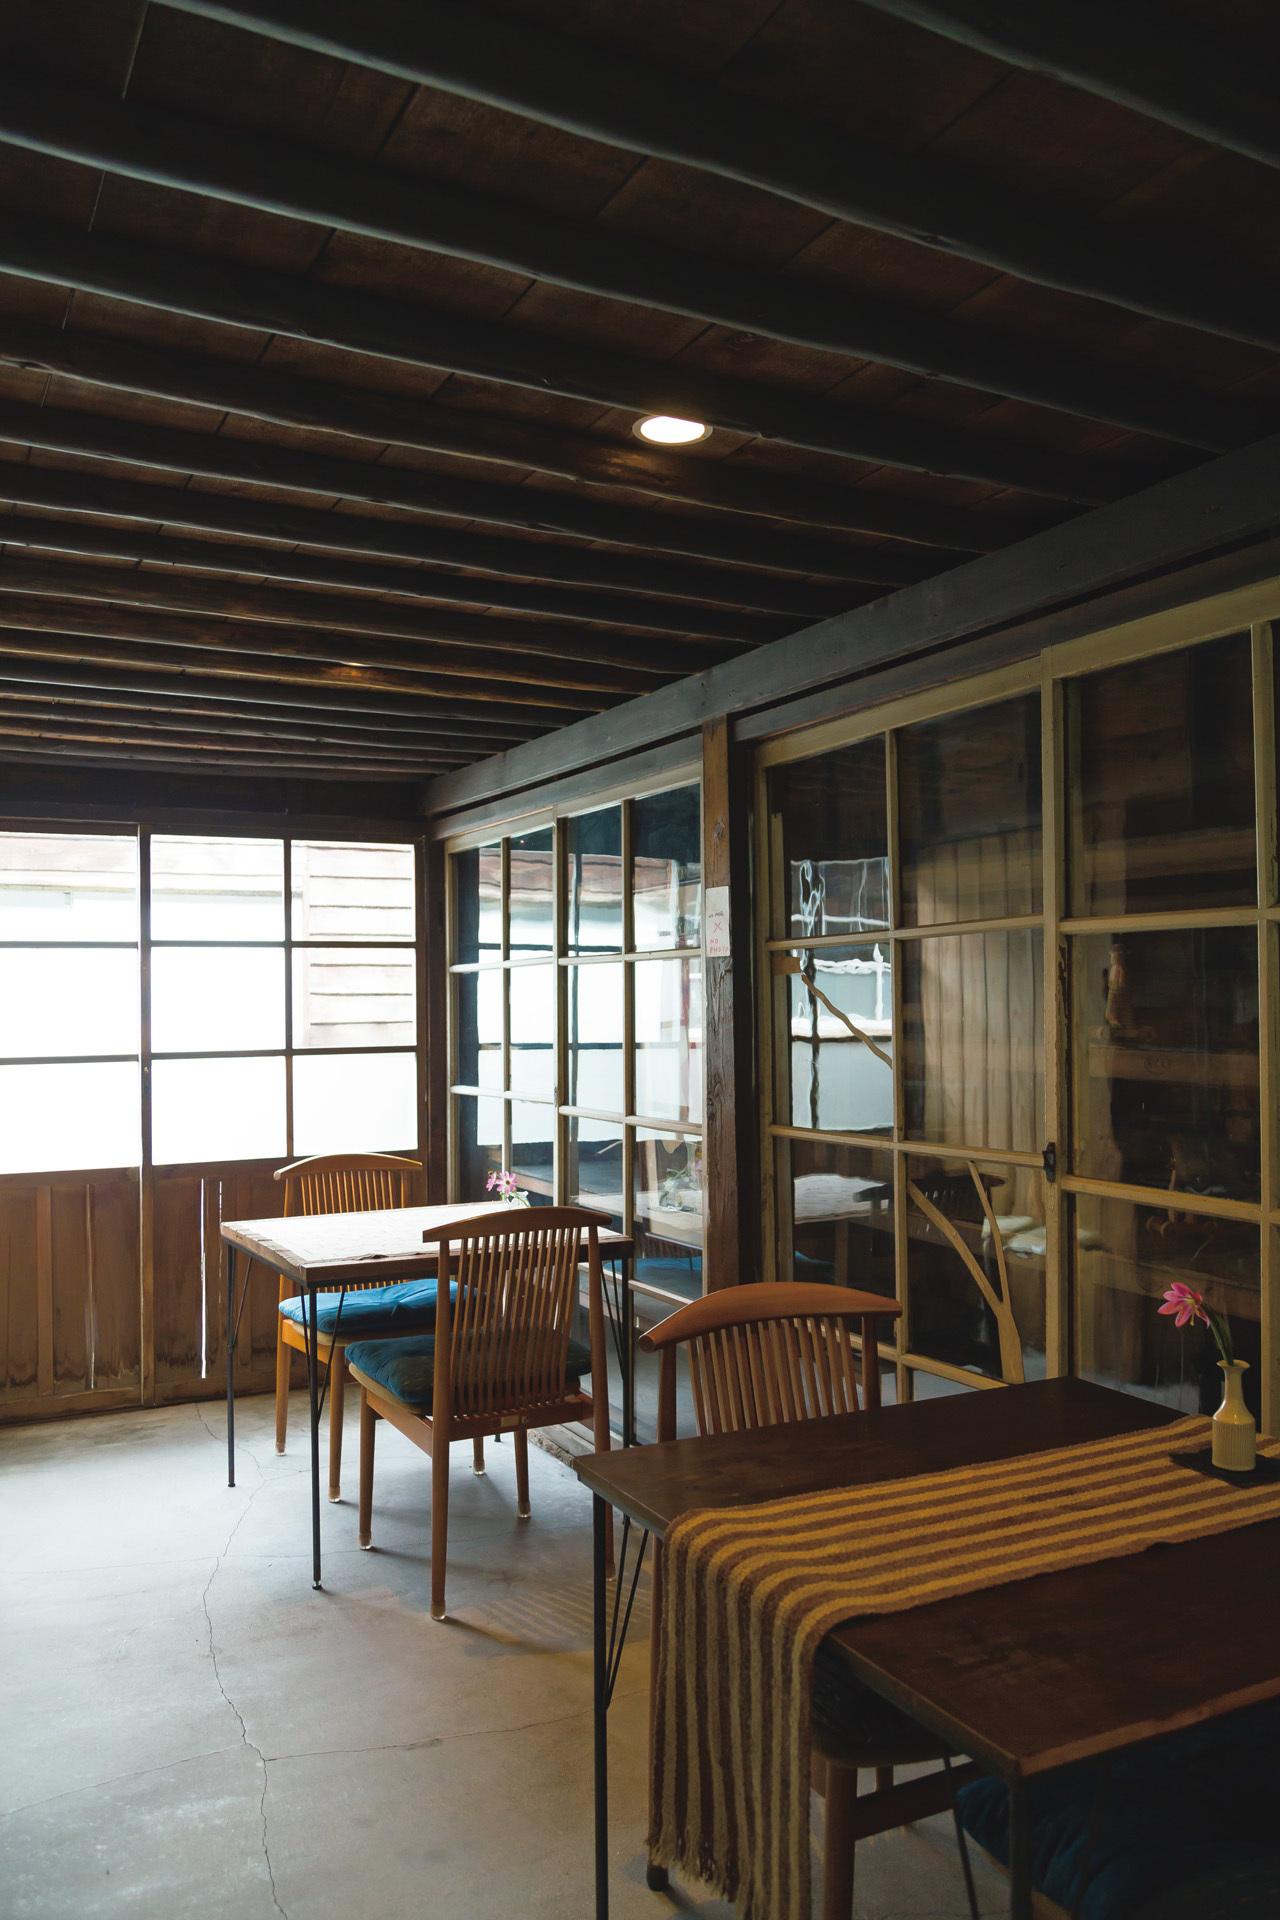 奈良散策途中に立ち寄りたい、大正期の趣漂う喫茶室 工場跡事務室_1_2